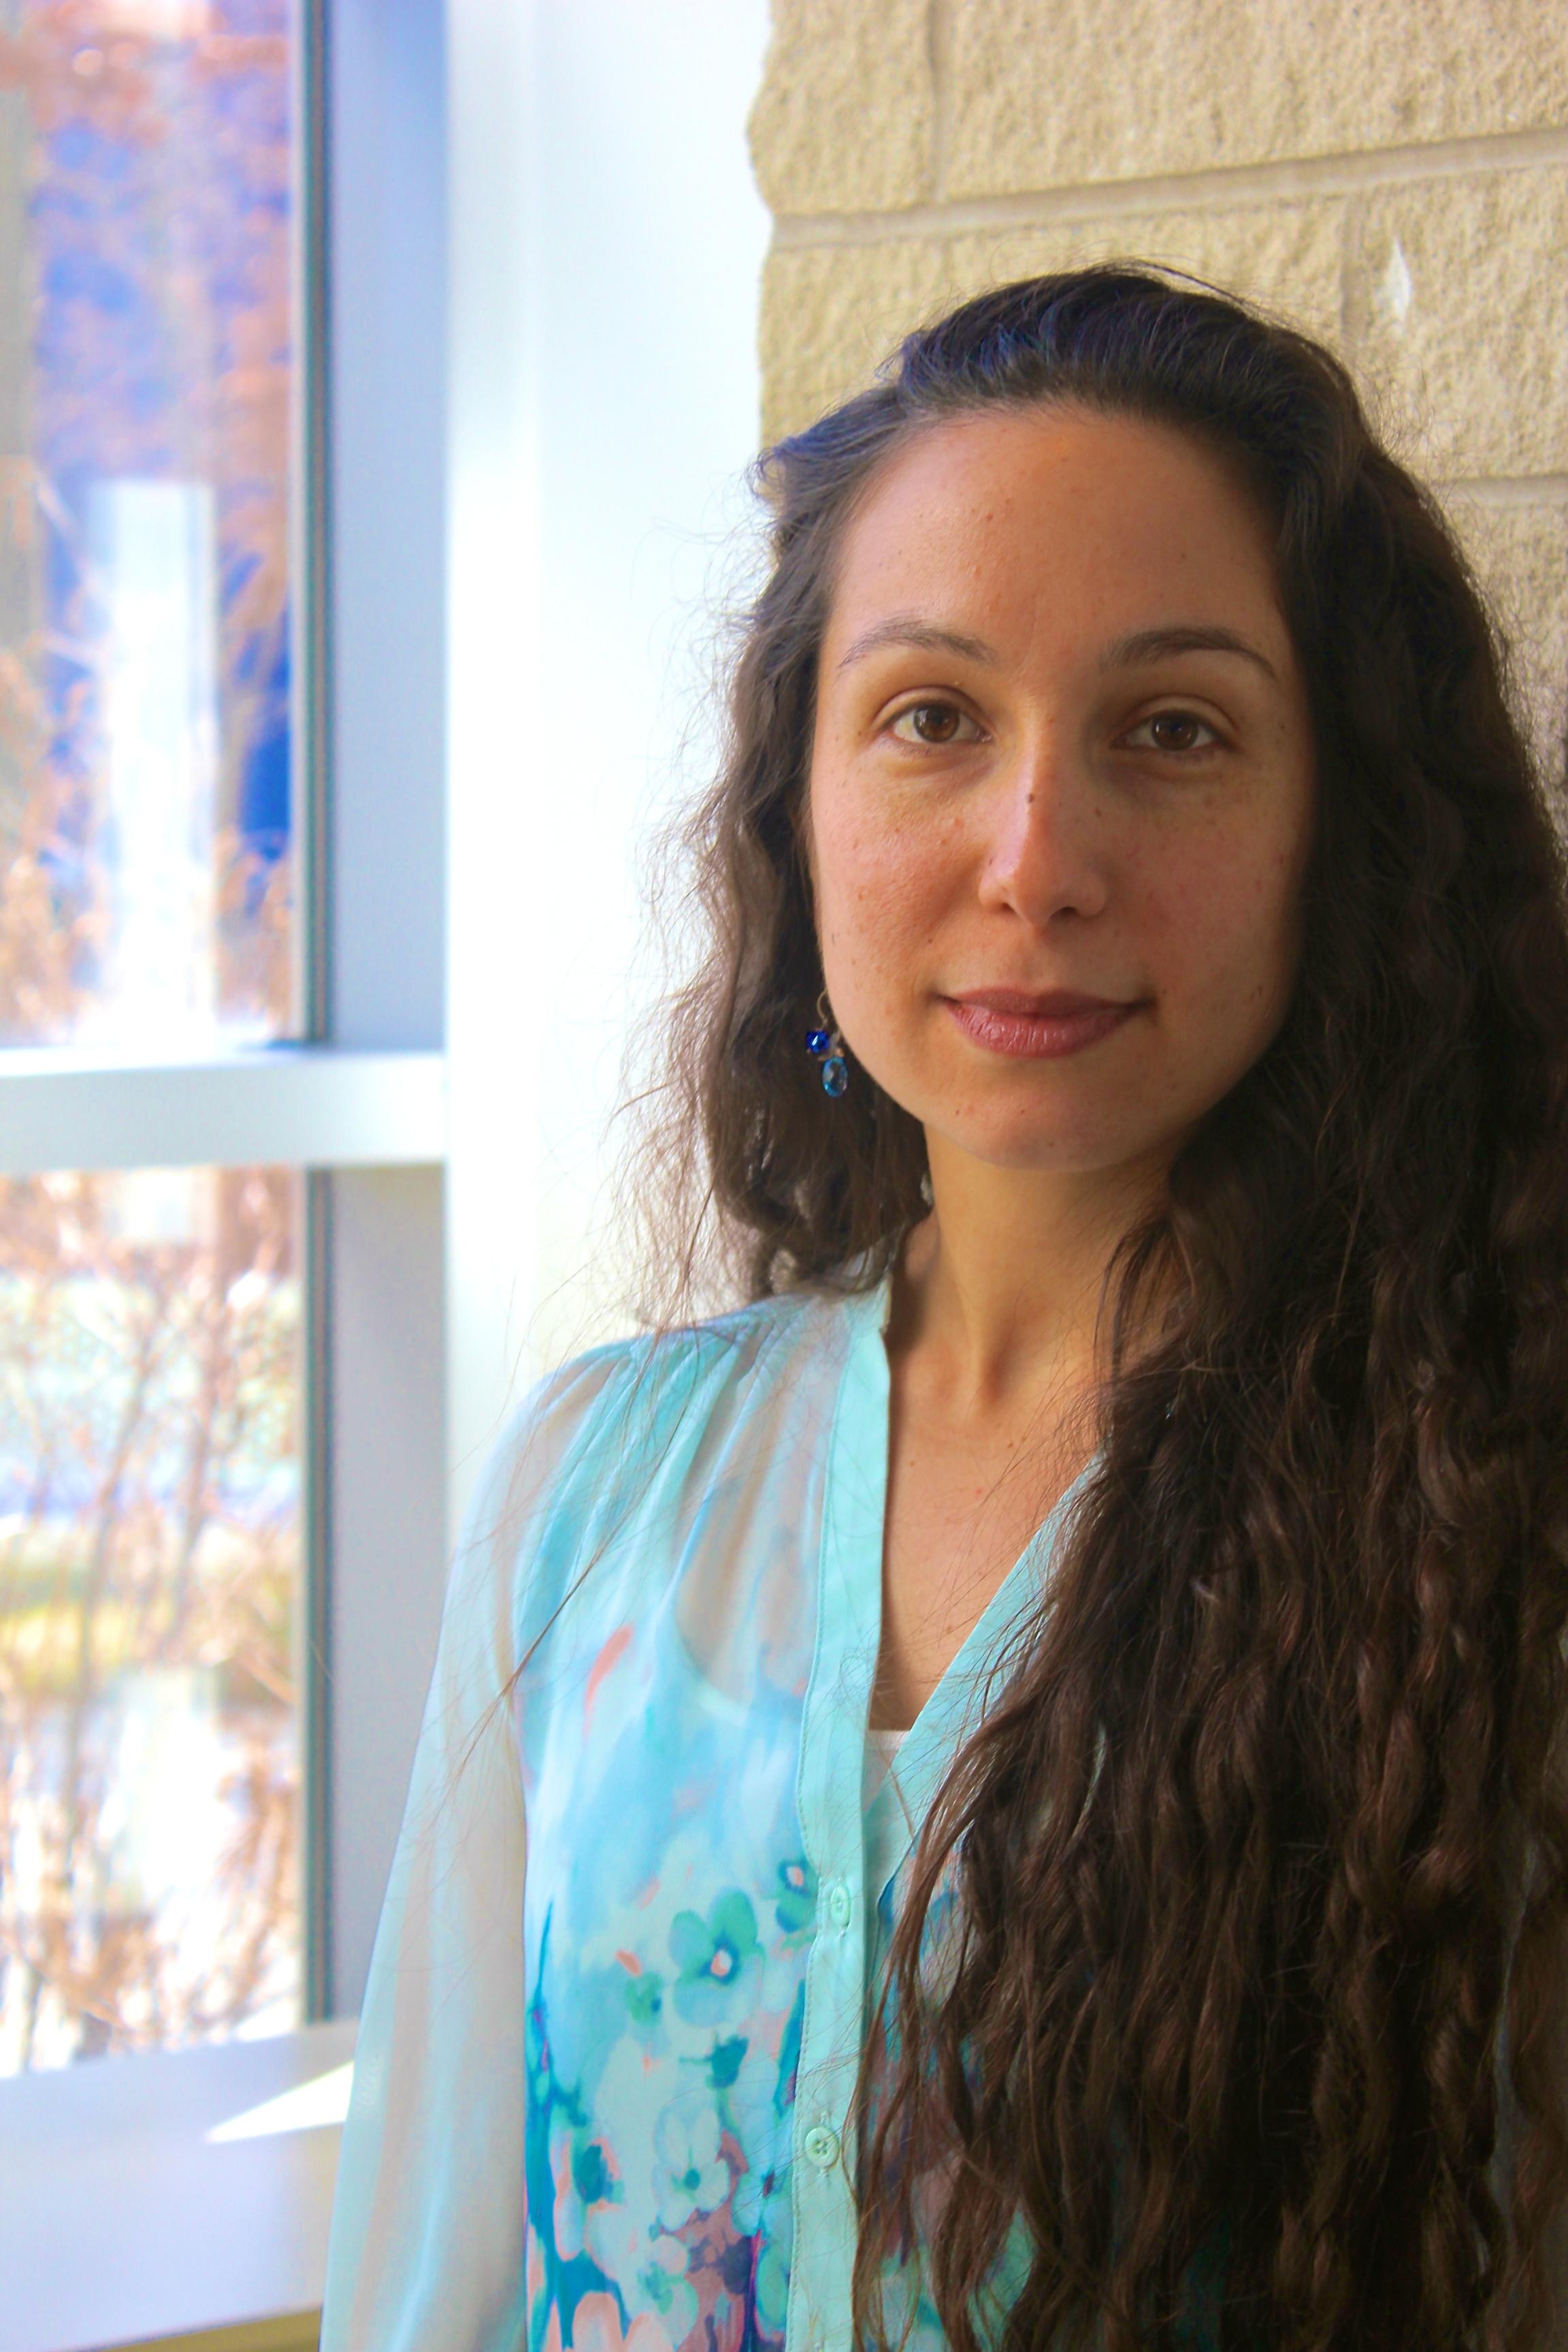 Photo of Emari DiGiorgio